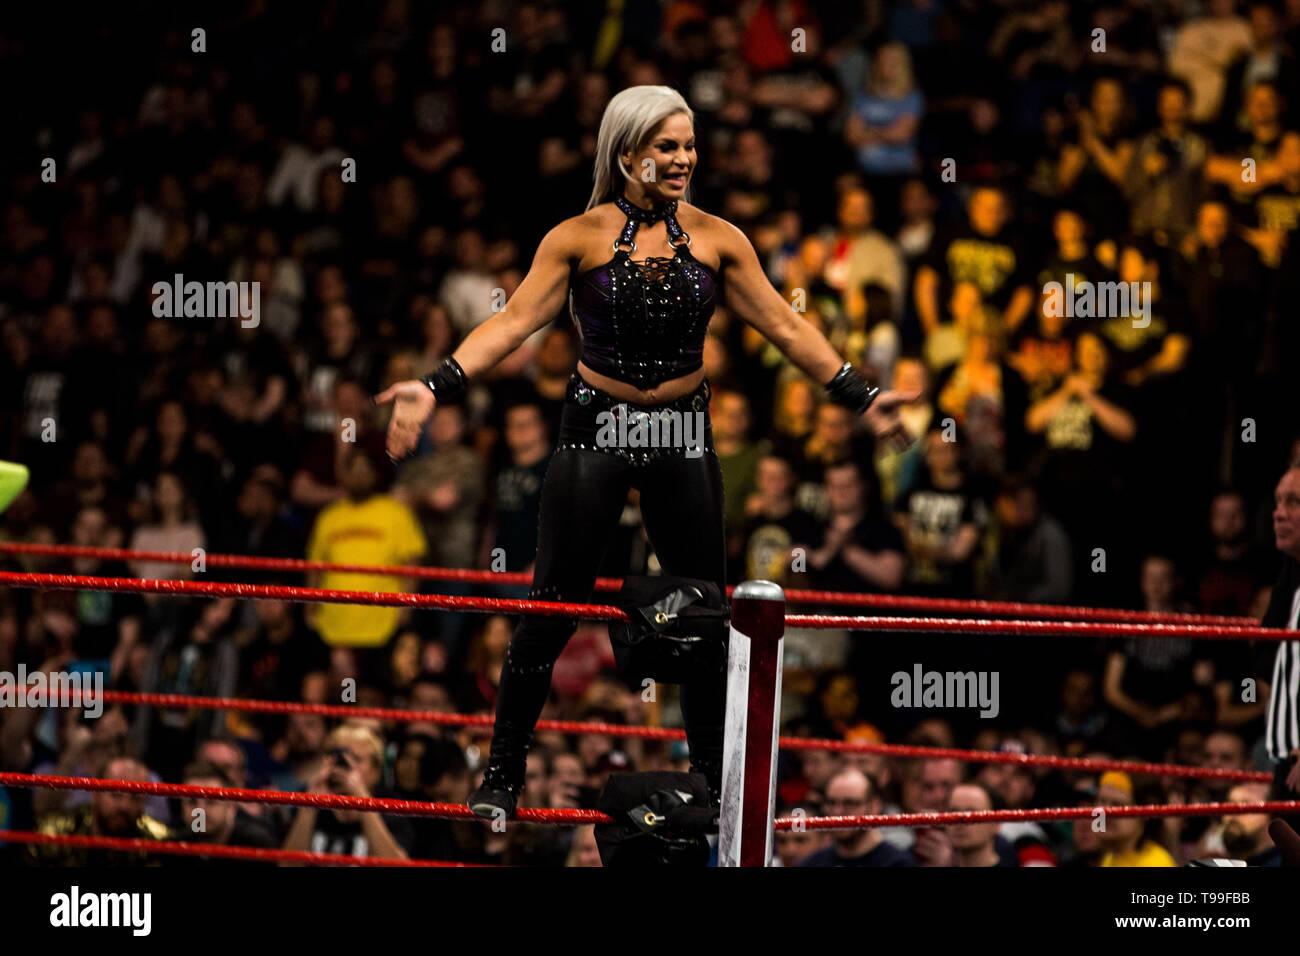 WWE Monday Night Raw en el 02 Arena. Londres. El 13 de mayo de 2019 Foto de stock